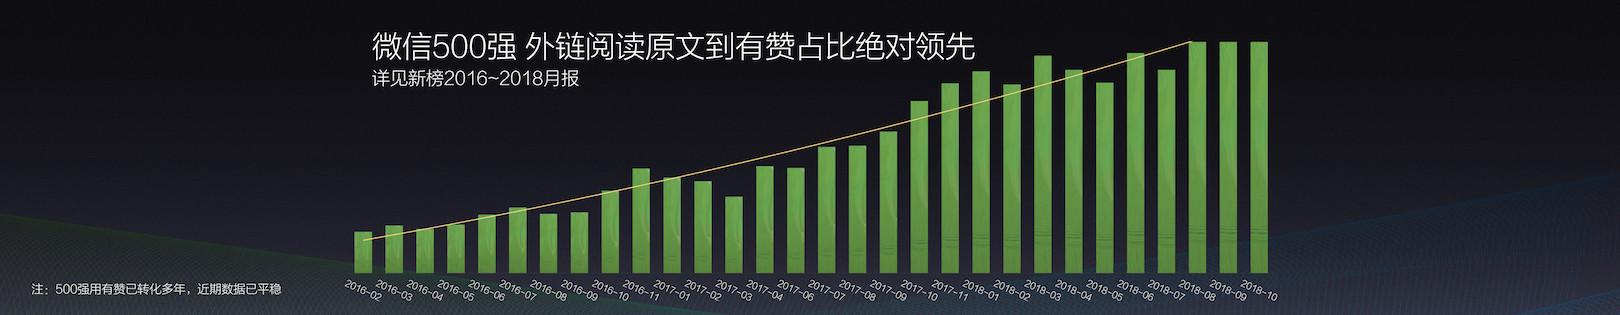 20181127 有赞六周年 - 公开版.010.jpeg